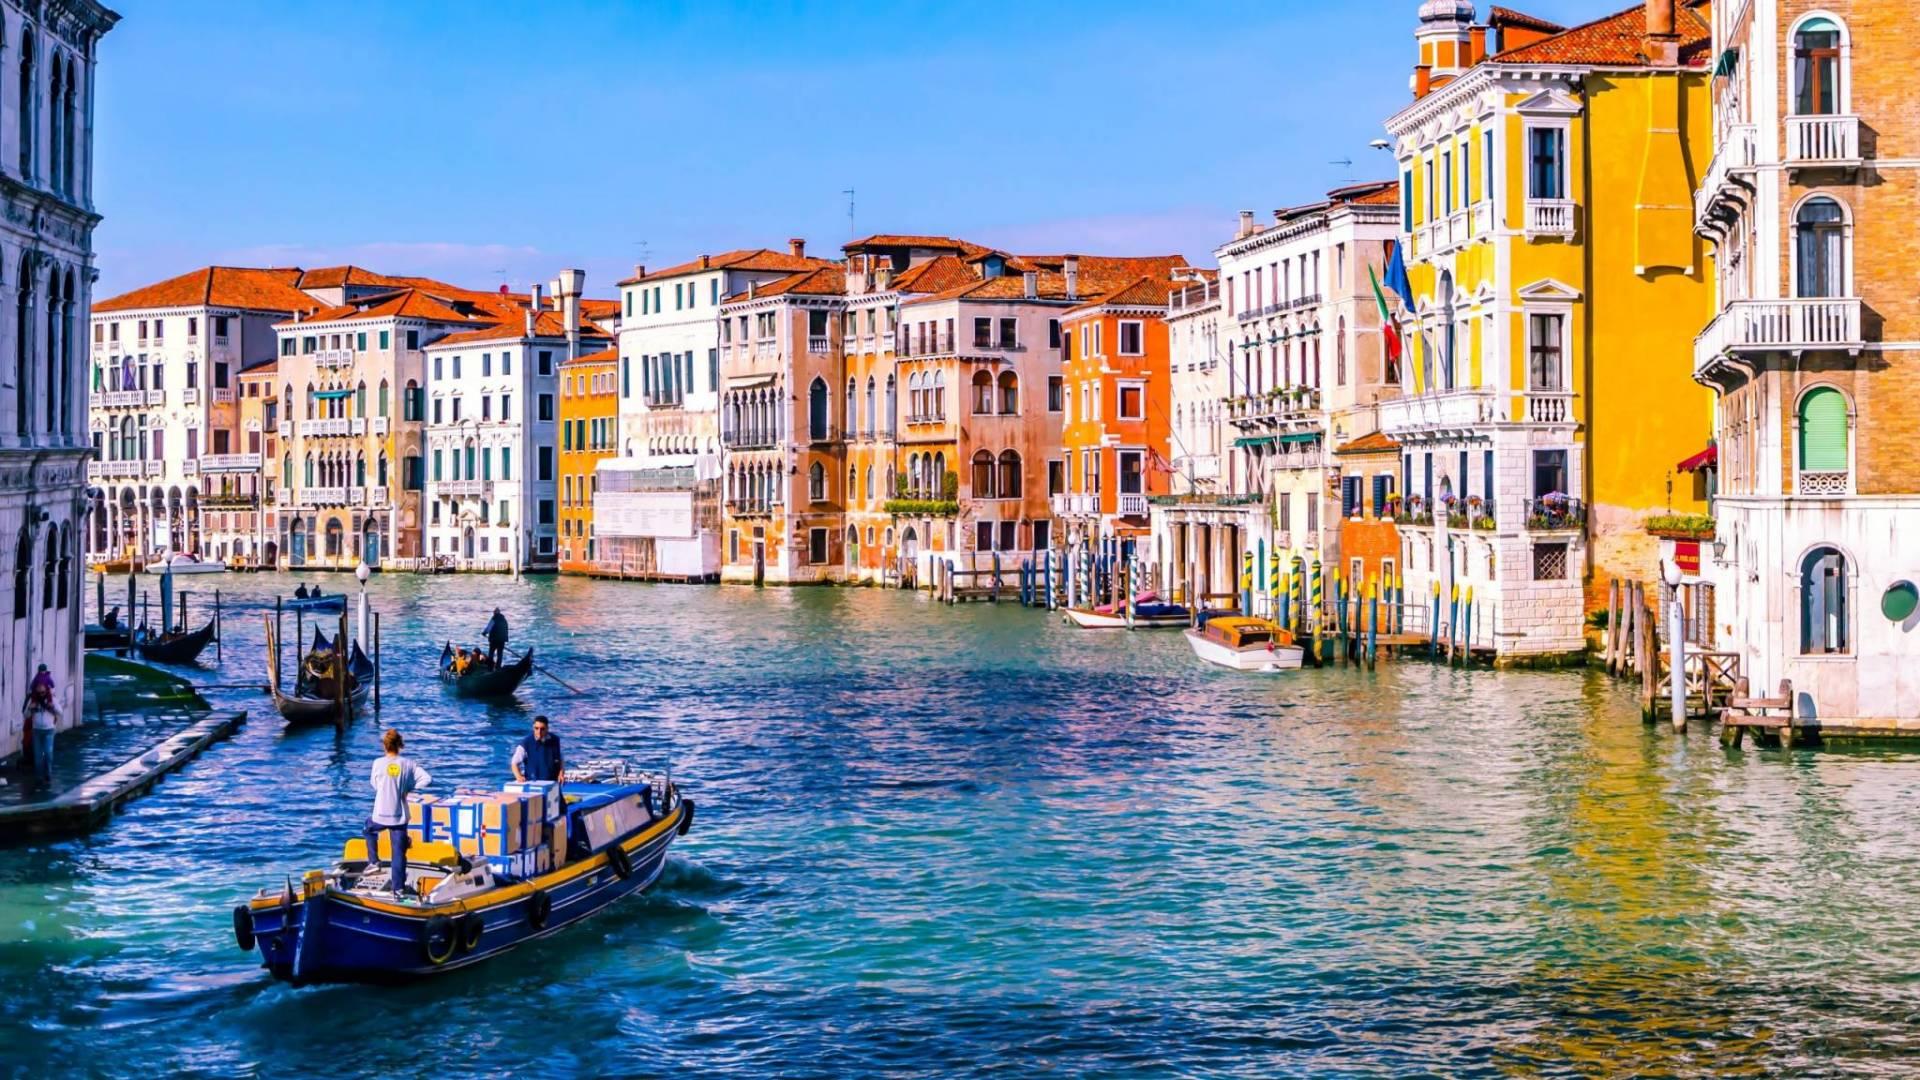 ٢٠٢٠١١٢١ ١٧٥٧٢٧ - البندقية تؤجل تطبيق رسم الدخول على السياح بسبب الجائحة.    #العبدلي_نيوز